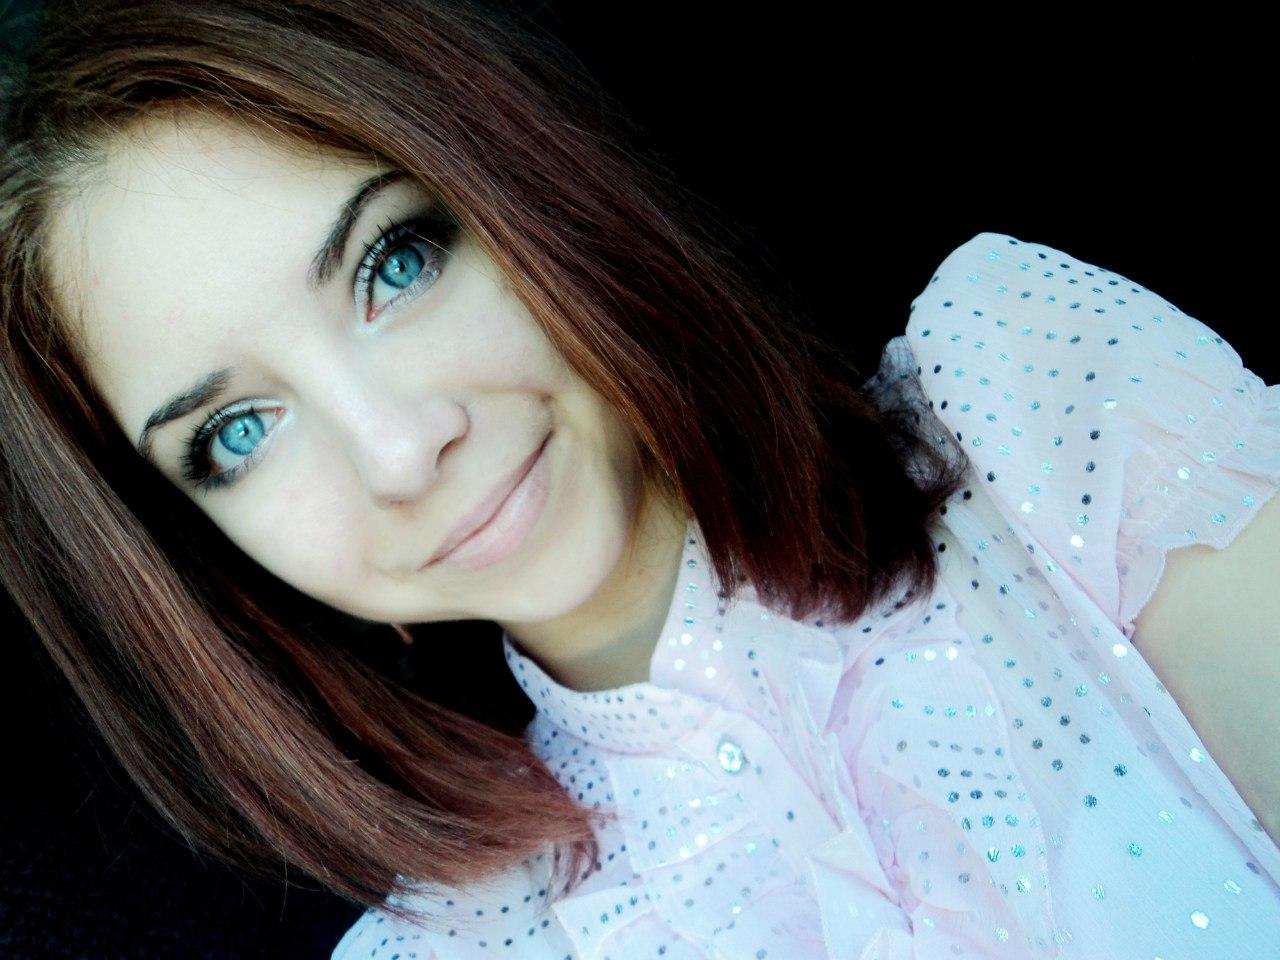 Частное фото девушек в нижнем белье вконтакте